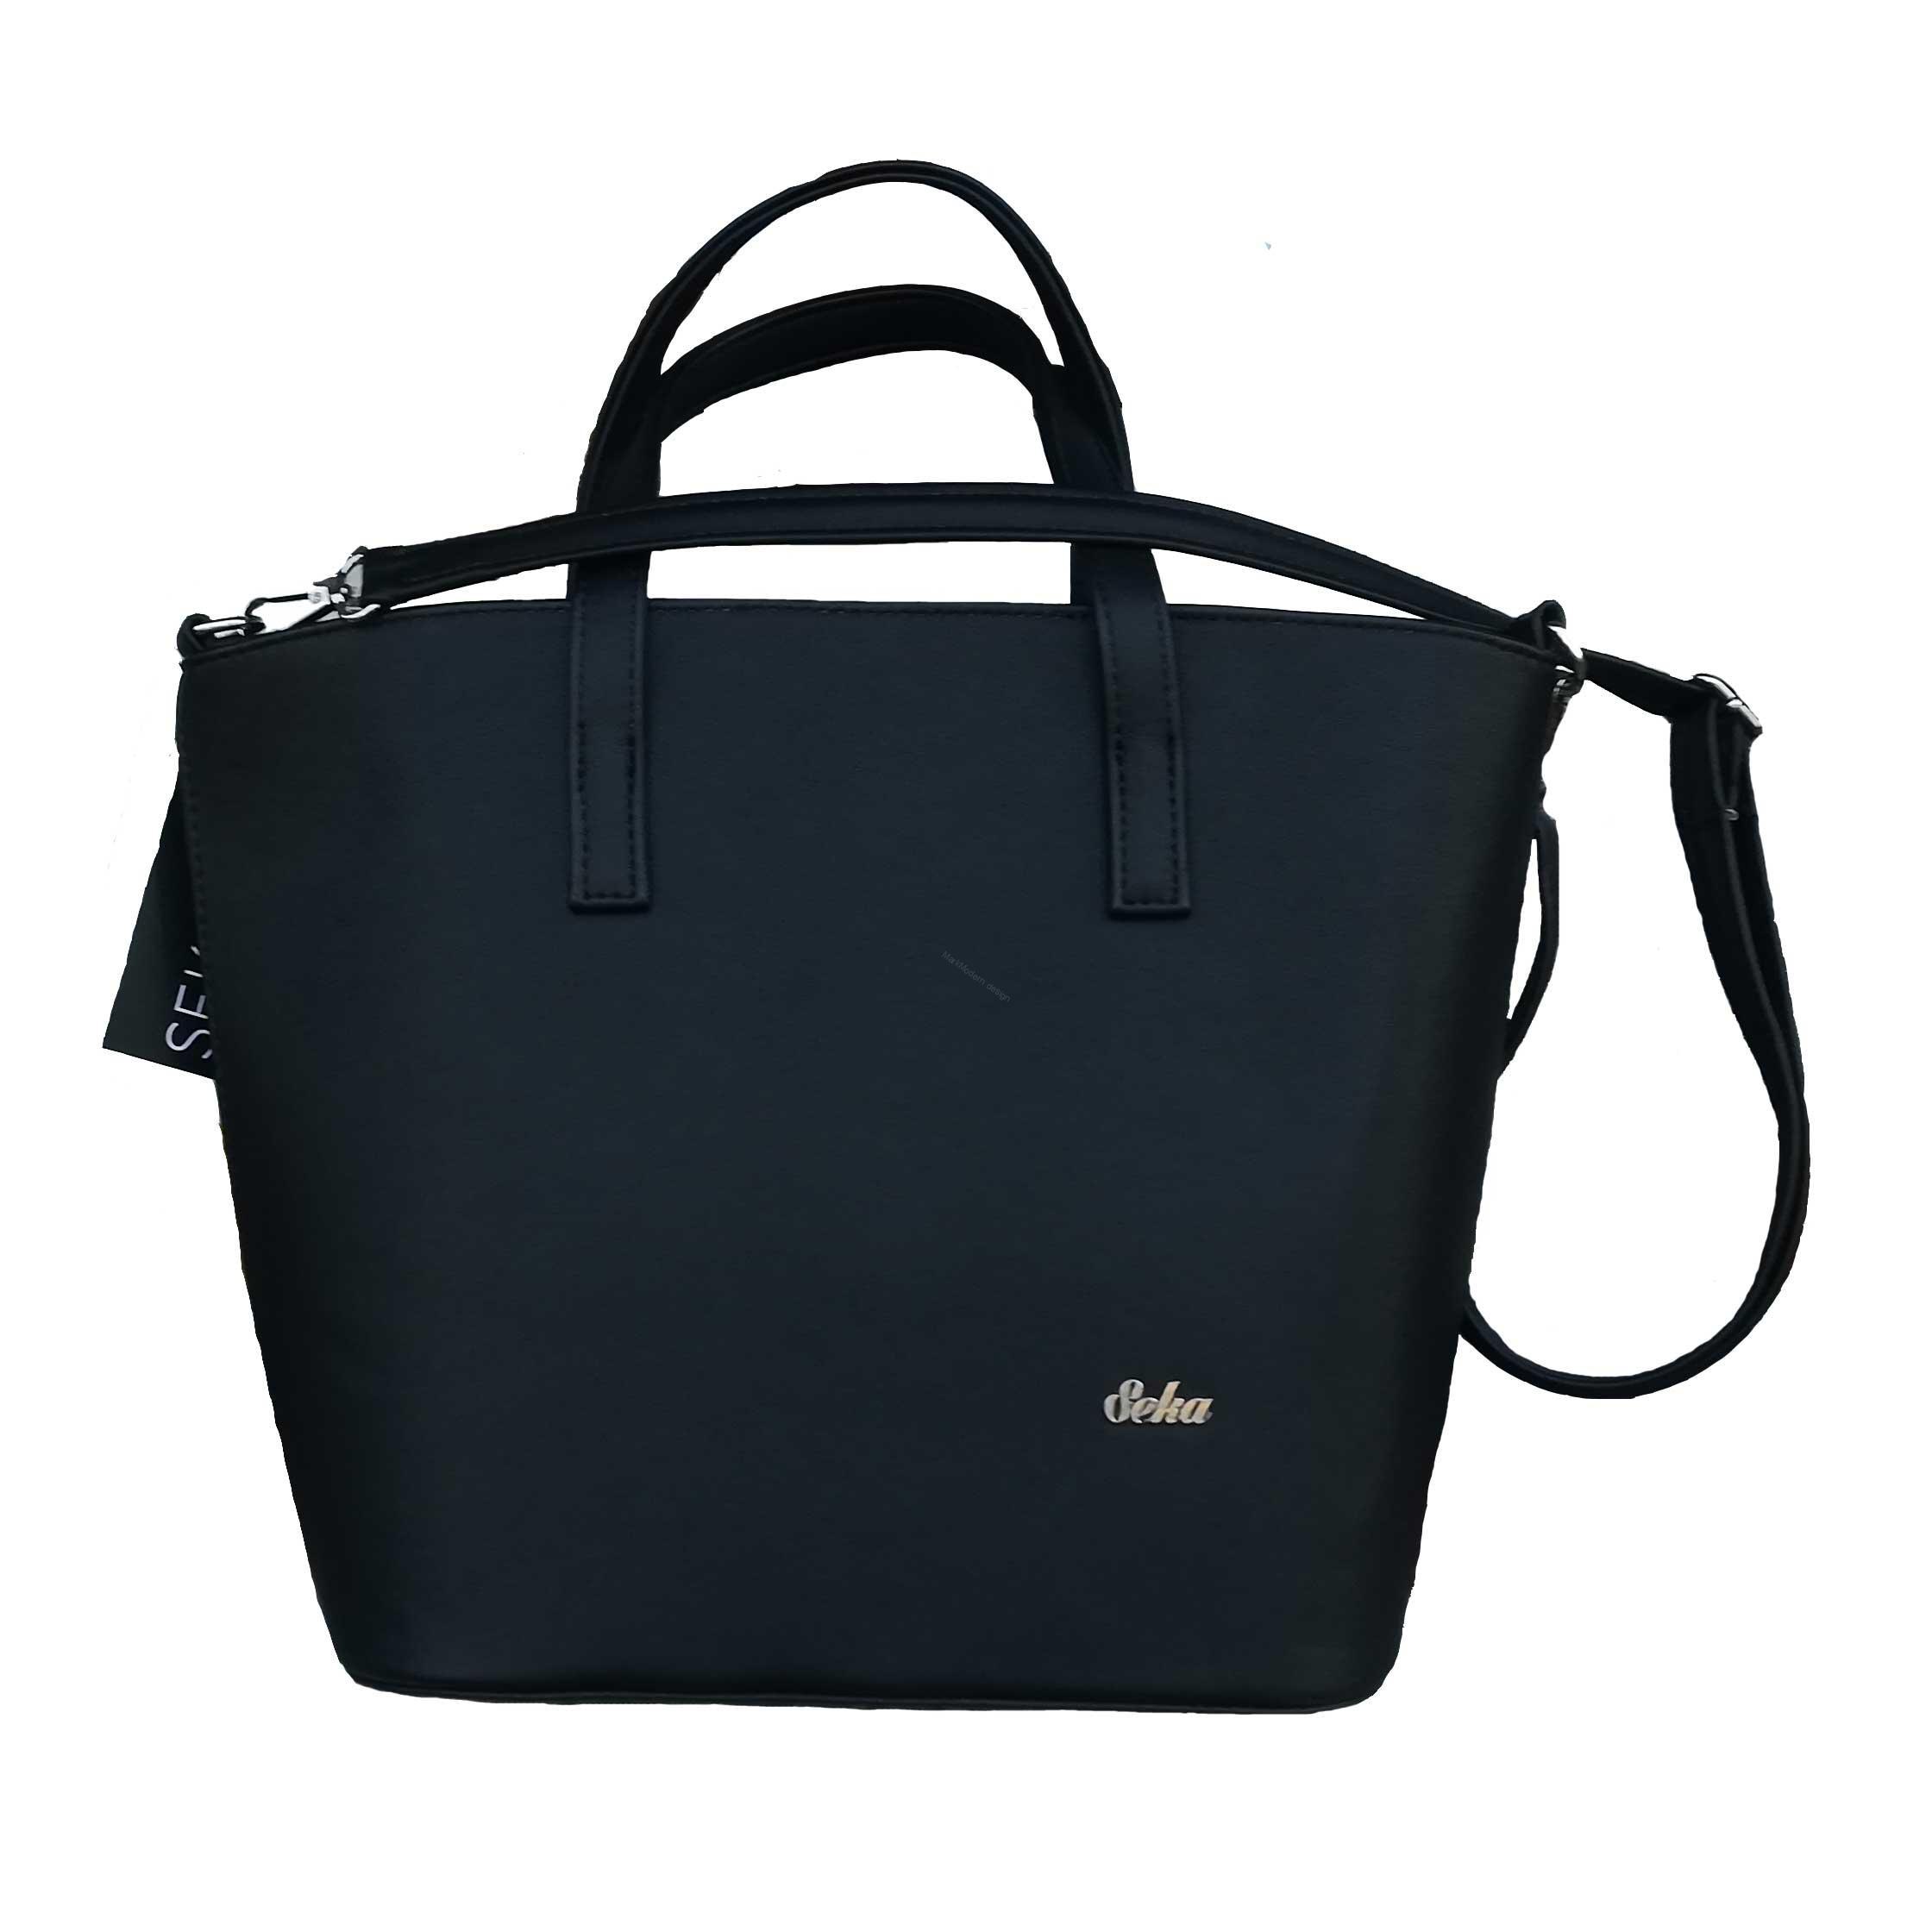 Elegantní dámská kabelka černá značky Seka c394e67829